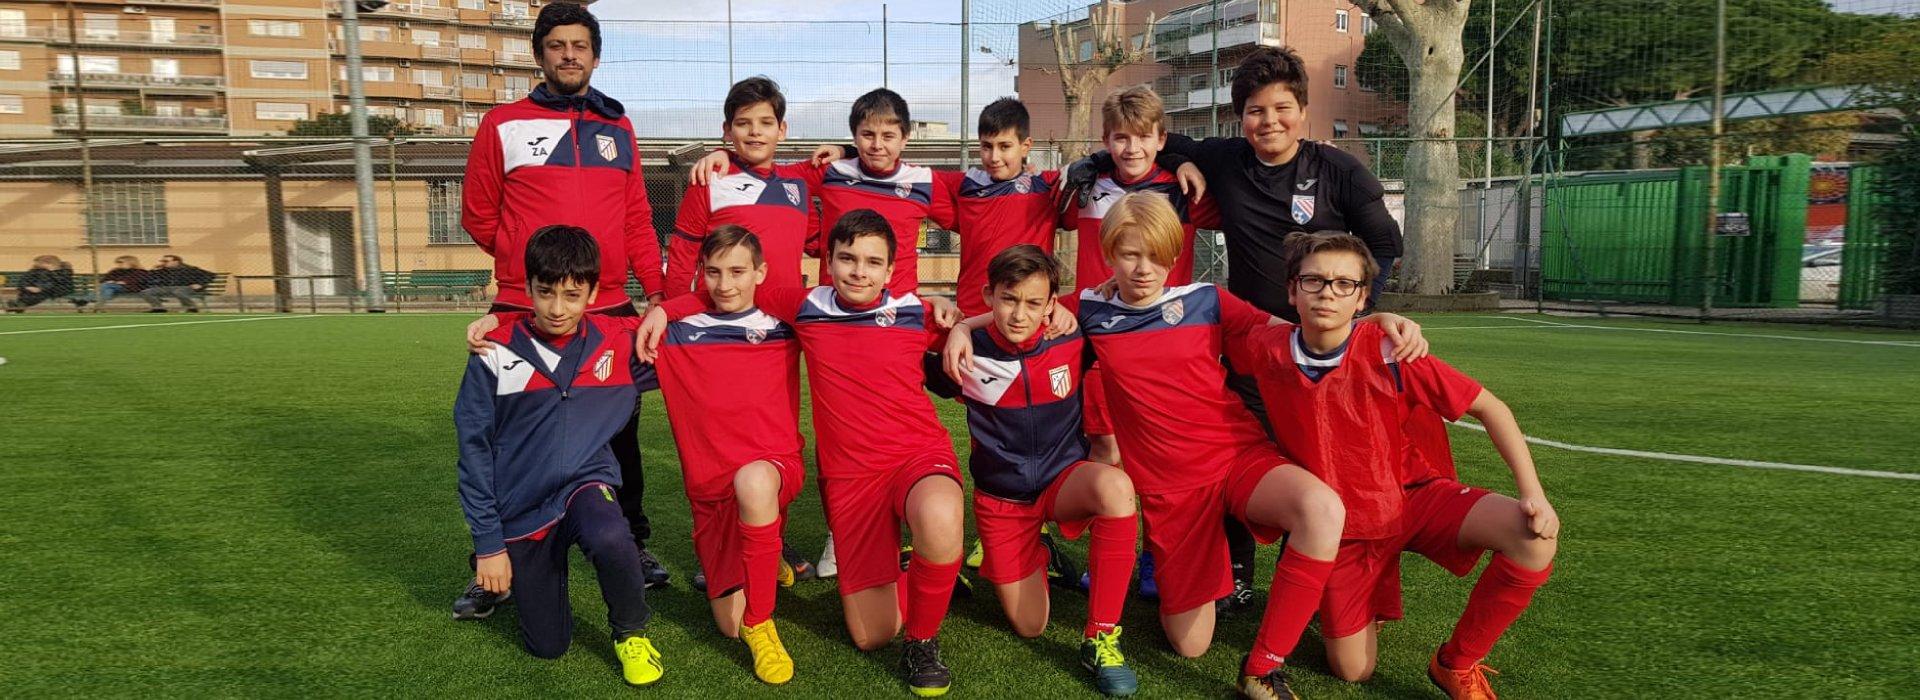 squadra under 13 calcio a 5 roma san gaspare provinciali